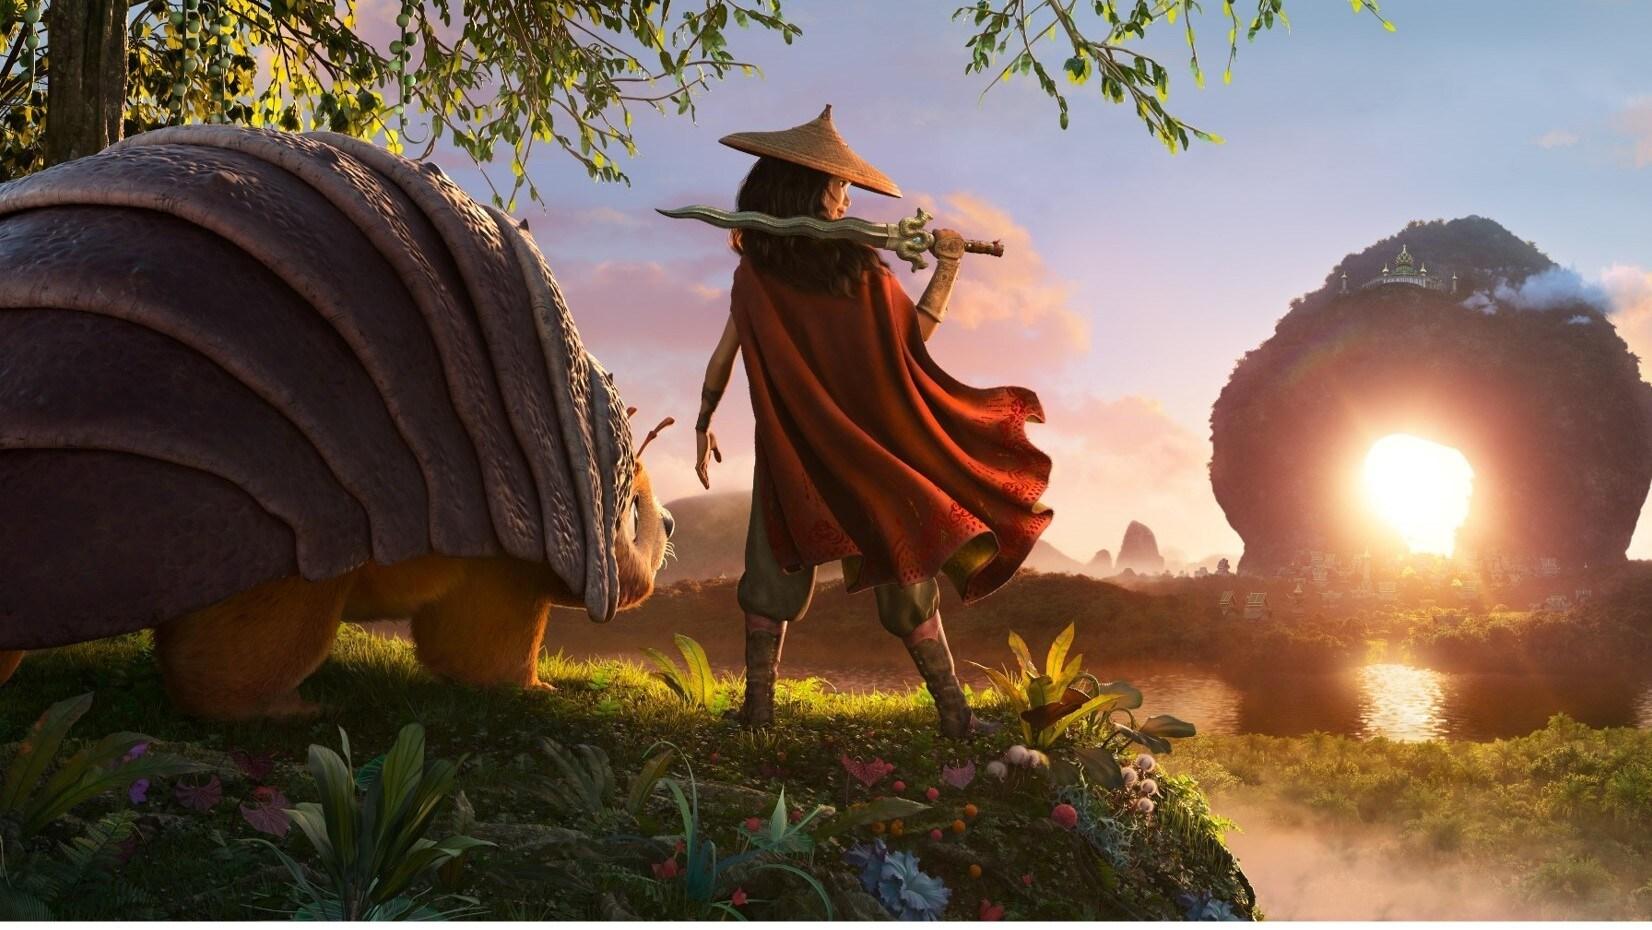 Raya y el último dragón: la nueva aventura animada de Disney Animation Studios